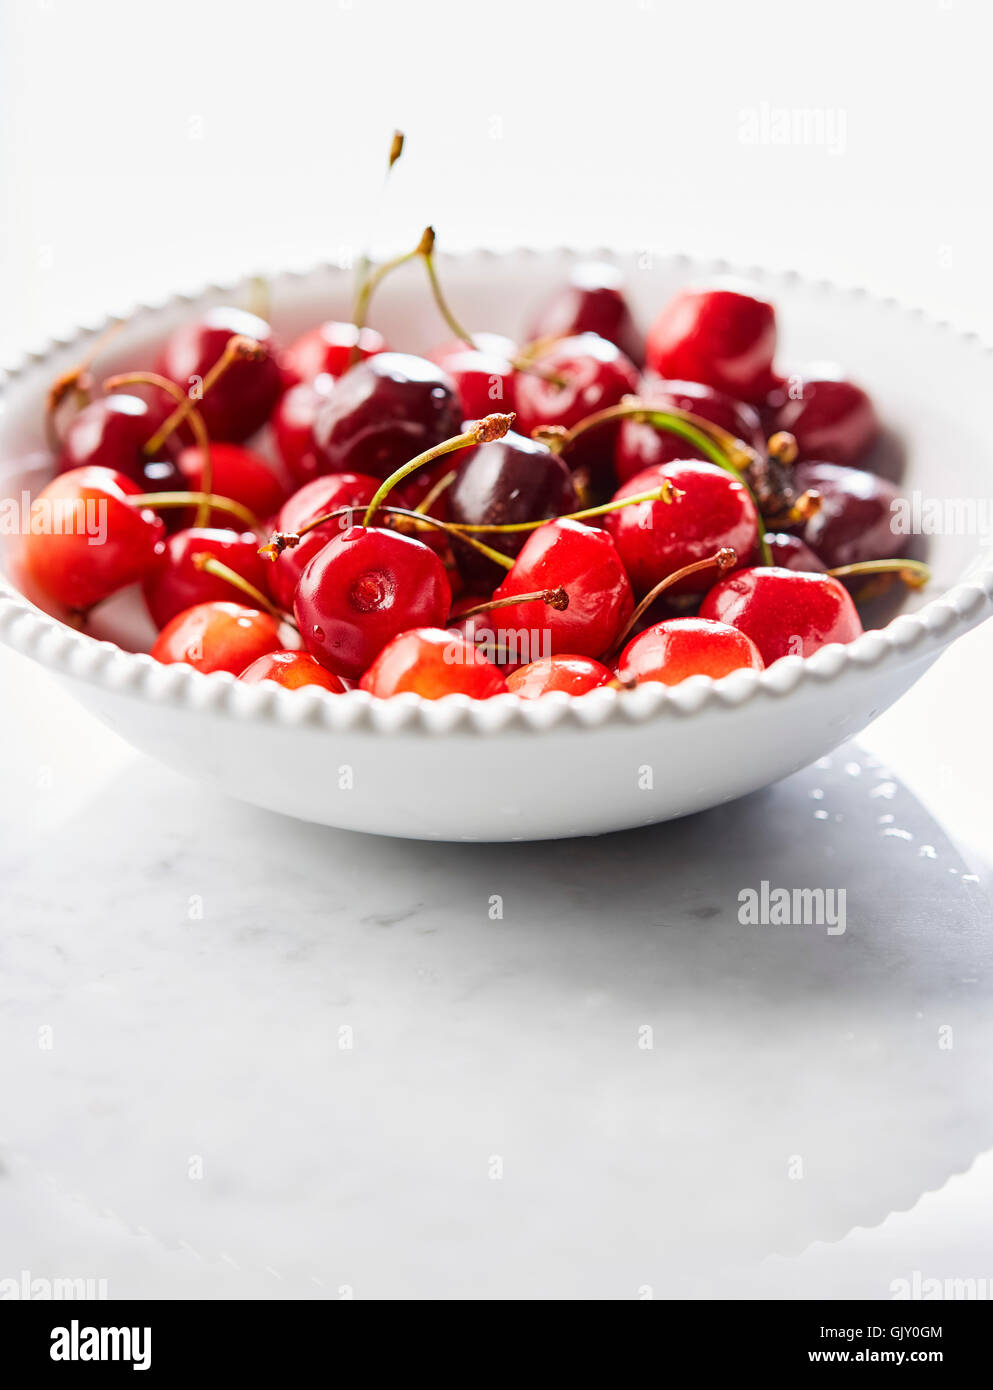 Teller mit frischen Kirschen. Nahaufnahme Stockbild